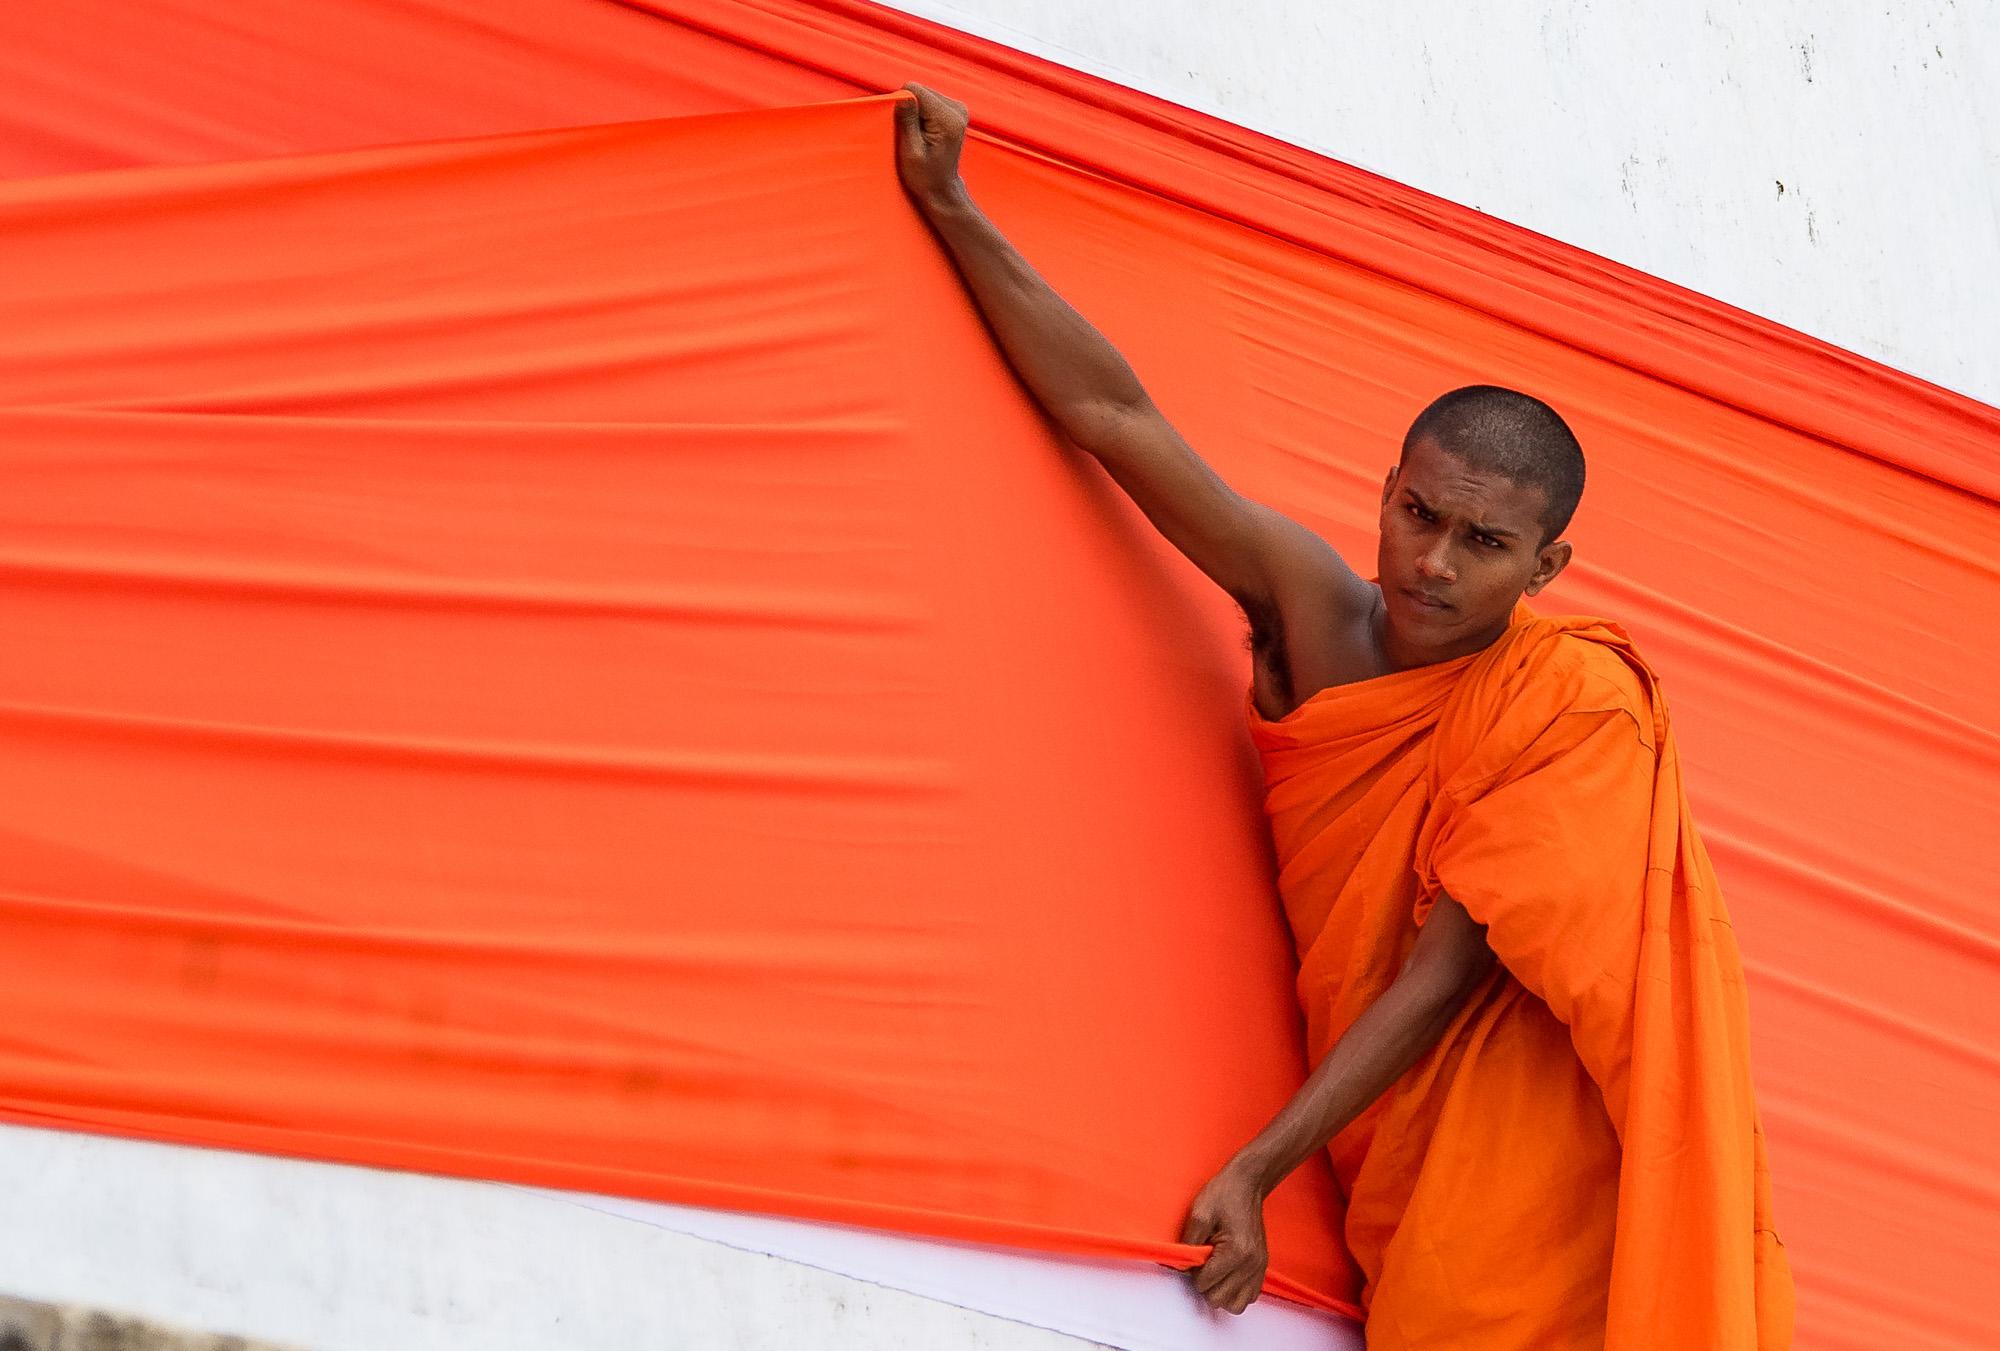 Monk, Sri-Lanka